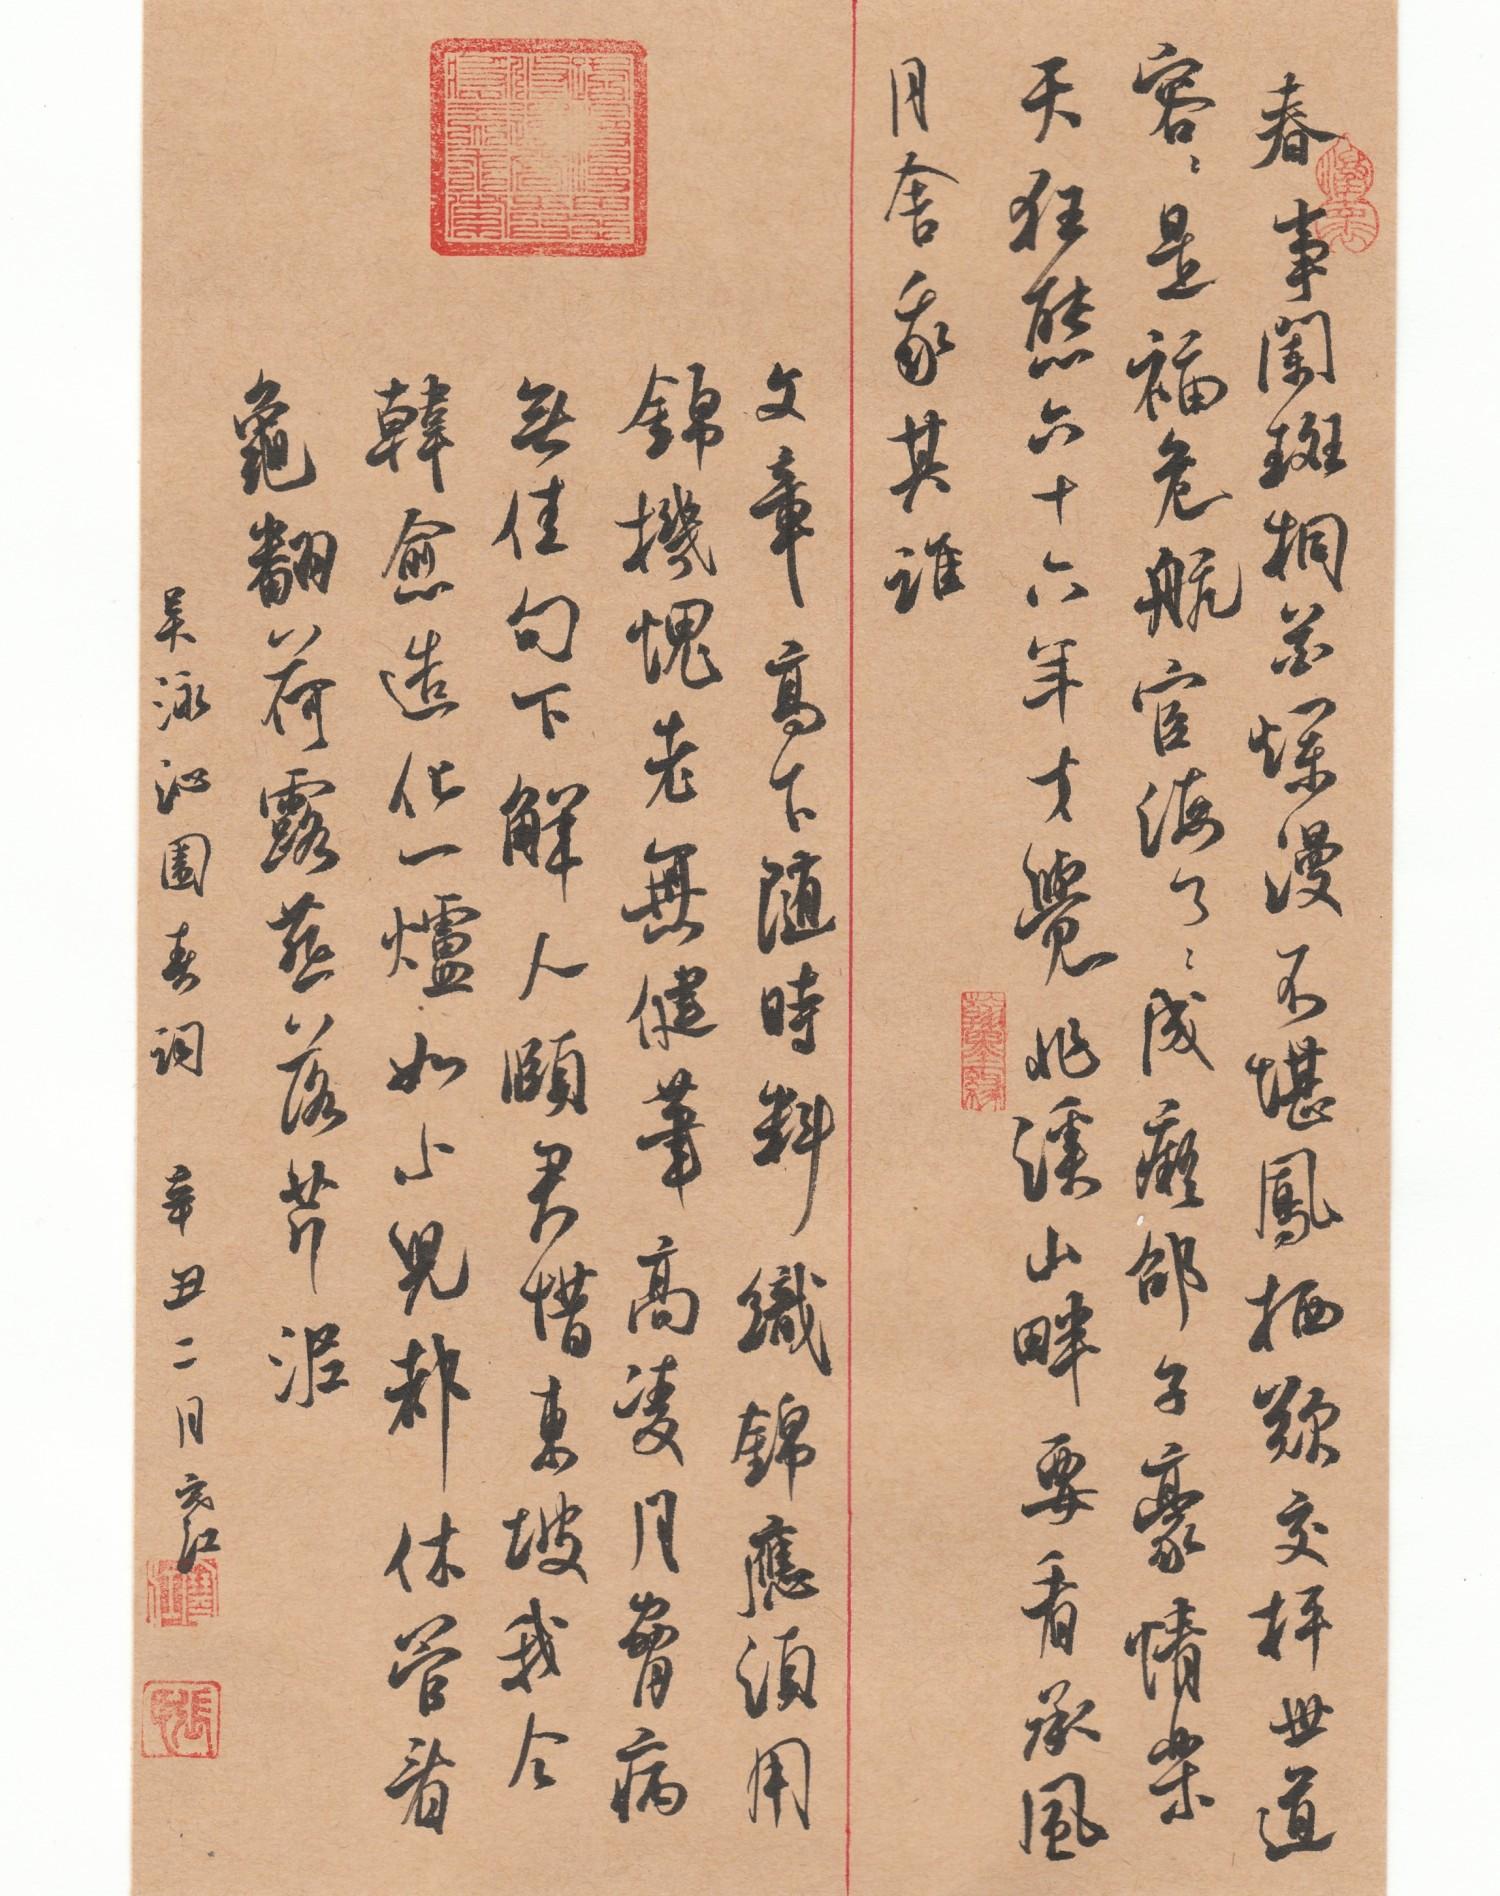 钢笔爱好者练字打卡20210323-07